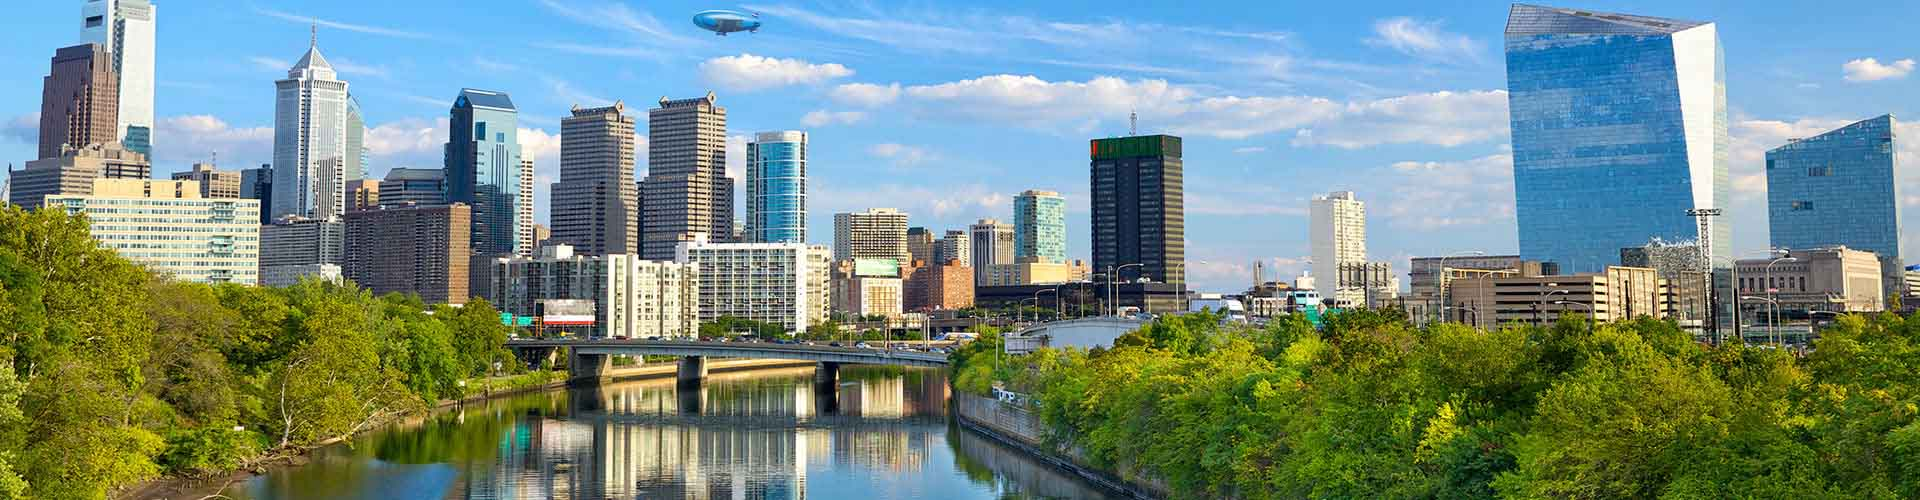 Filadelfia - Hoteles baratos en el distrito Centro de la Ciudad del Este. Mapas de Filadelfia, Fotos y comentarios de cada Hotel barato en Filadelfia.